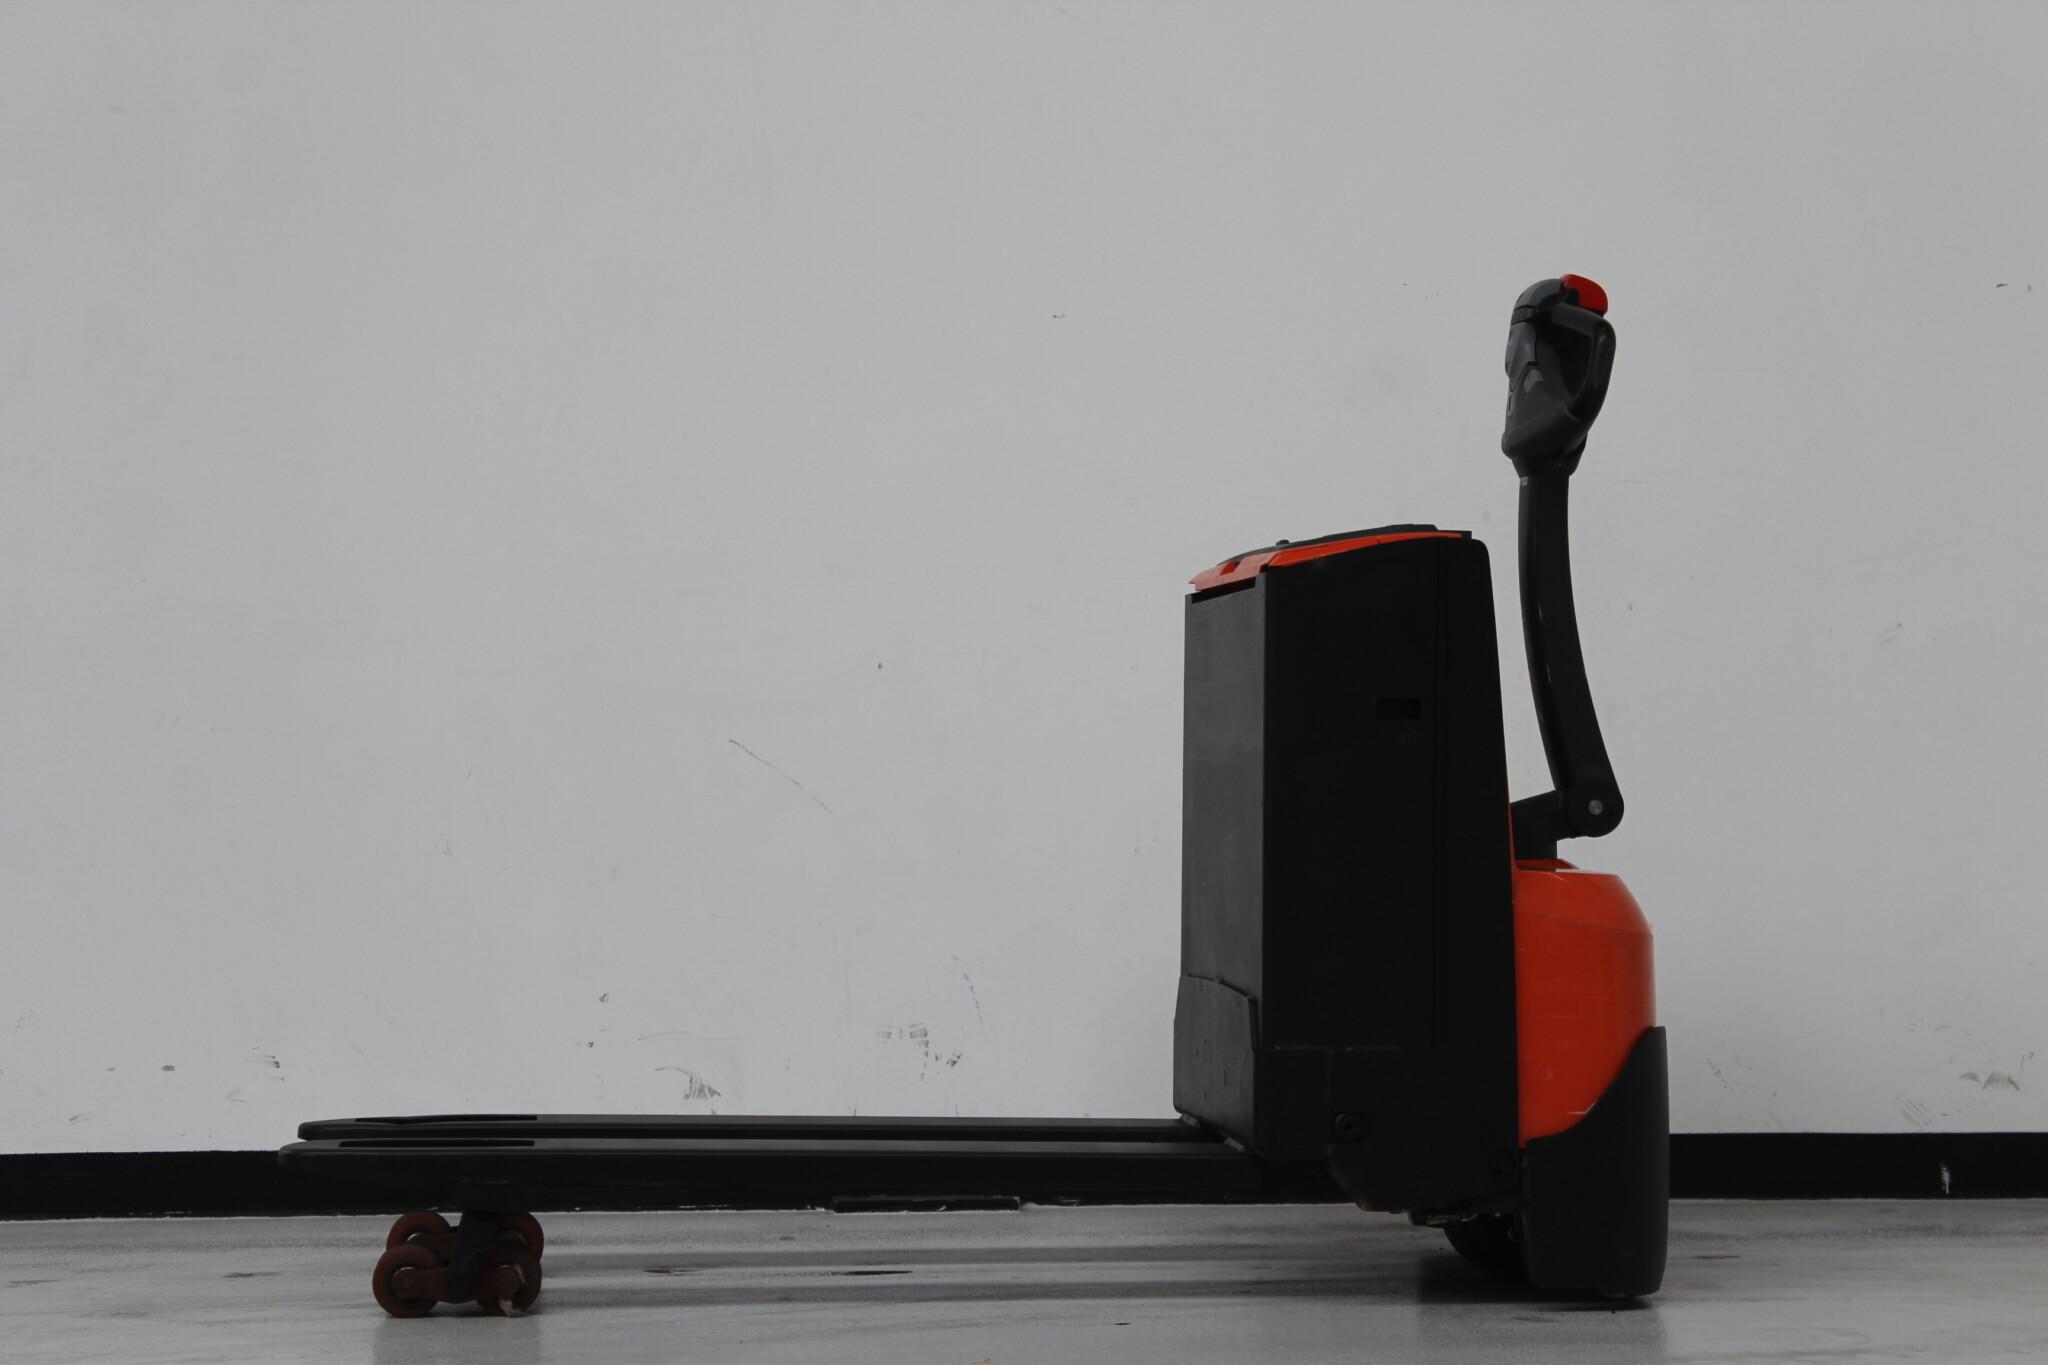 Toyota-Gabelstapler-59840 1802020212 1 scaled